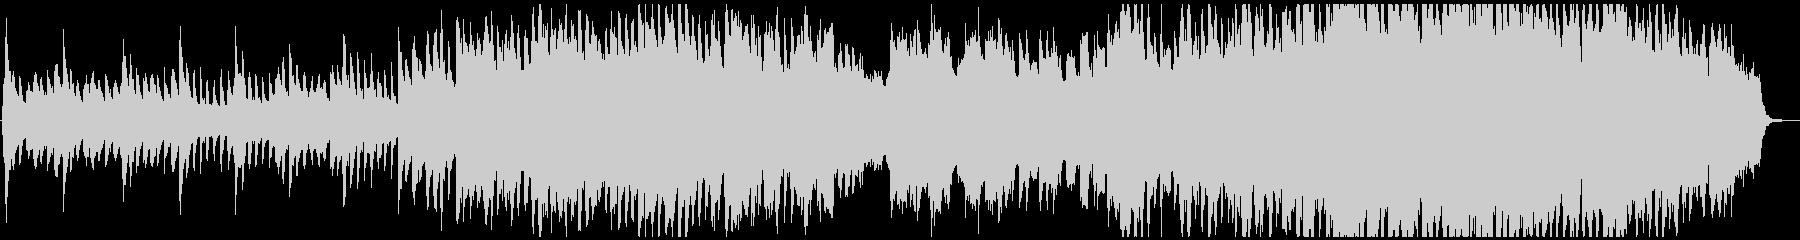 ピアノとストリングスの壮大な感動バラードの未再生の波形